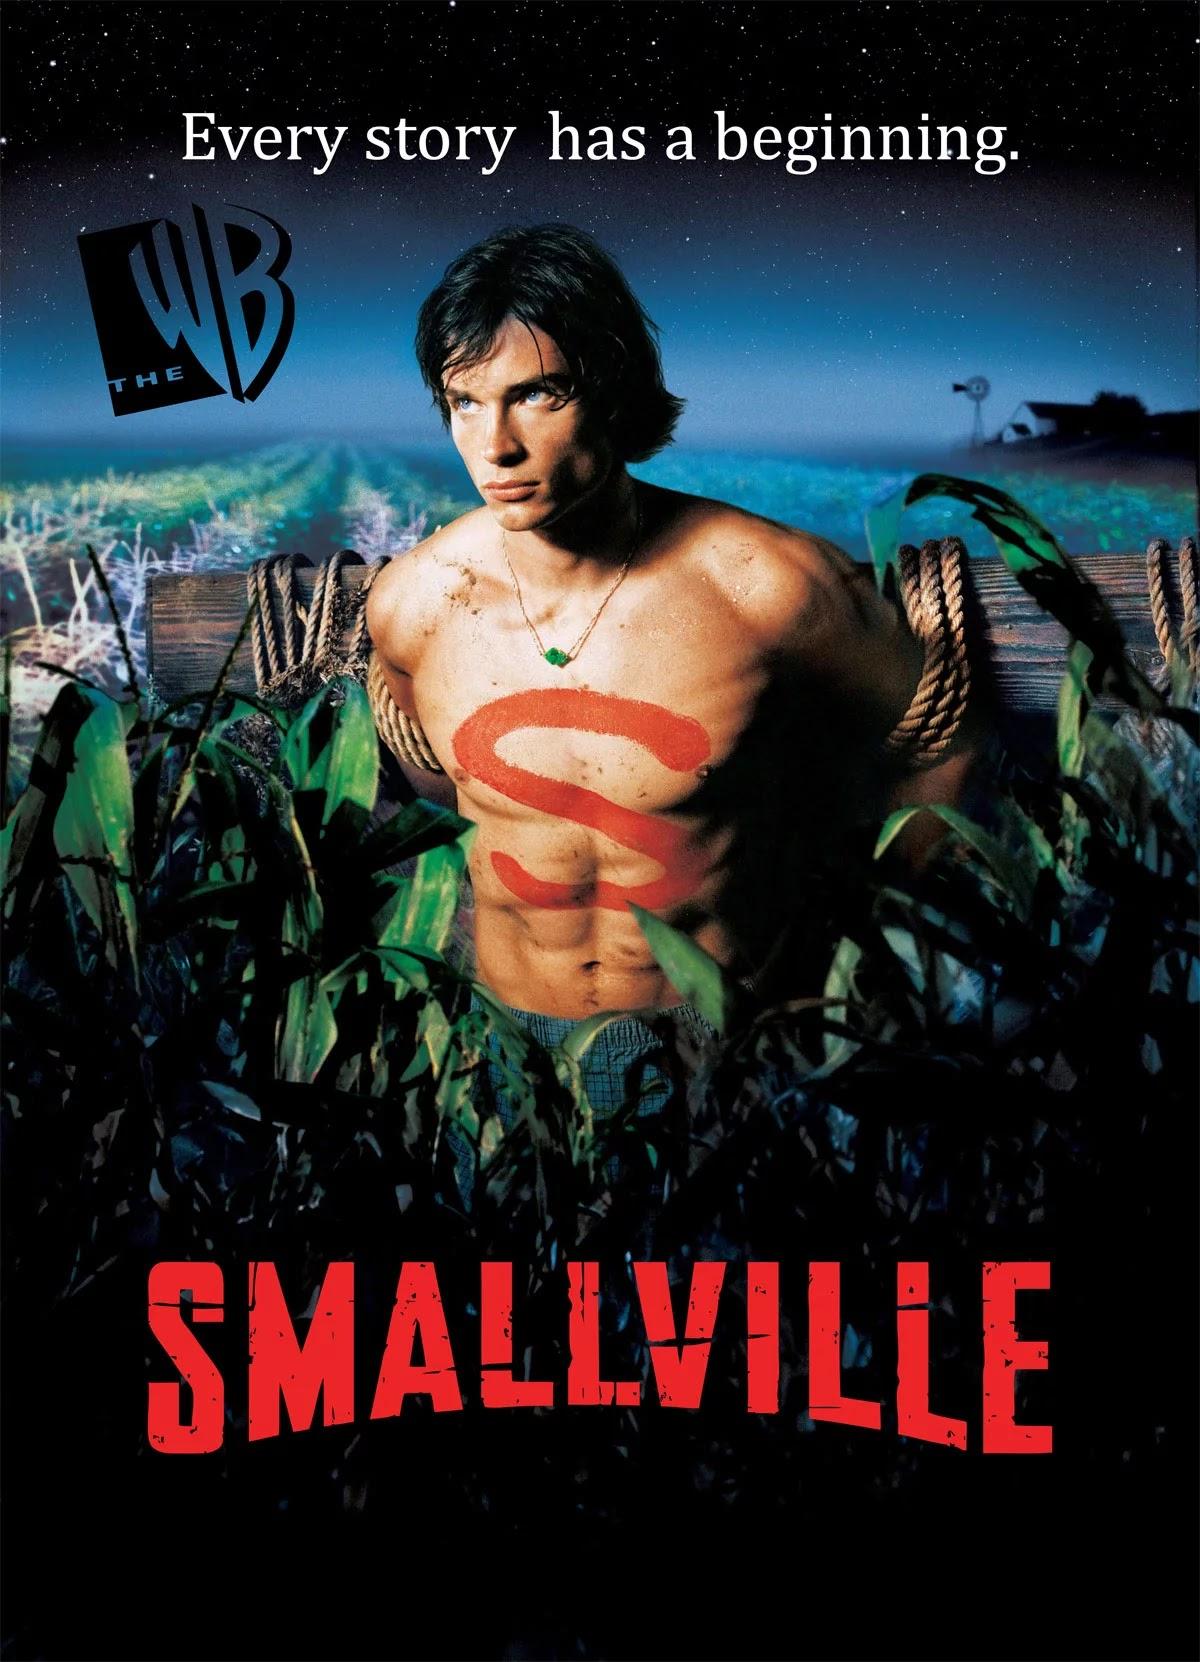 Smallville Serie Completa Dual Latino/Ingles 1080p